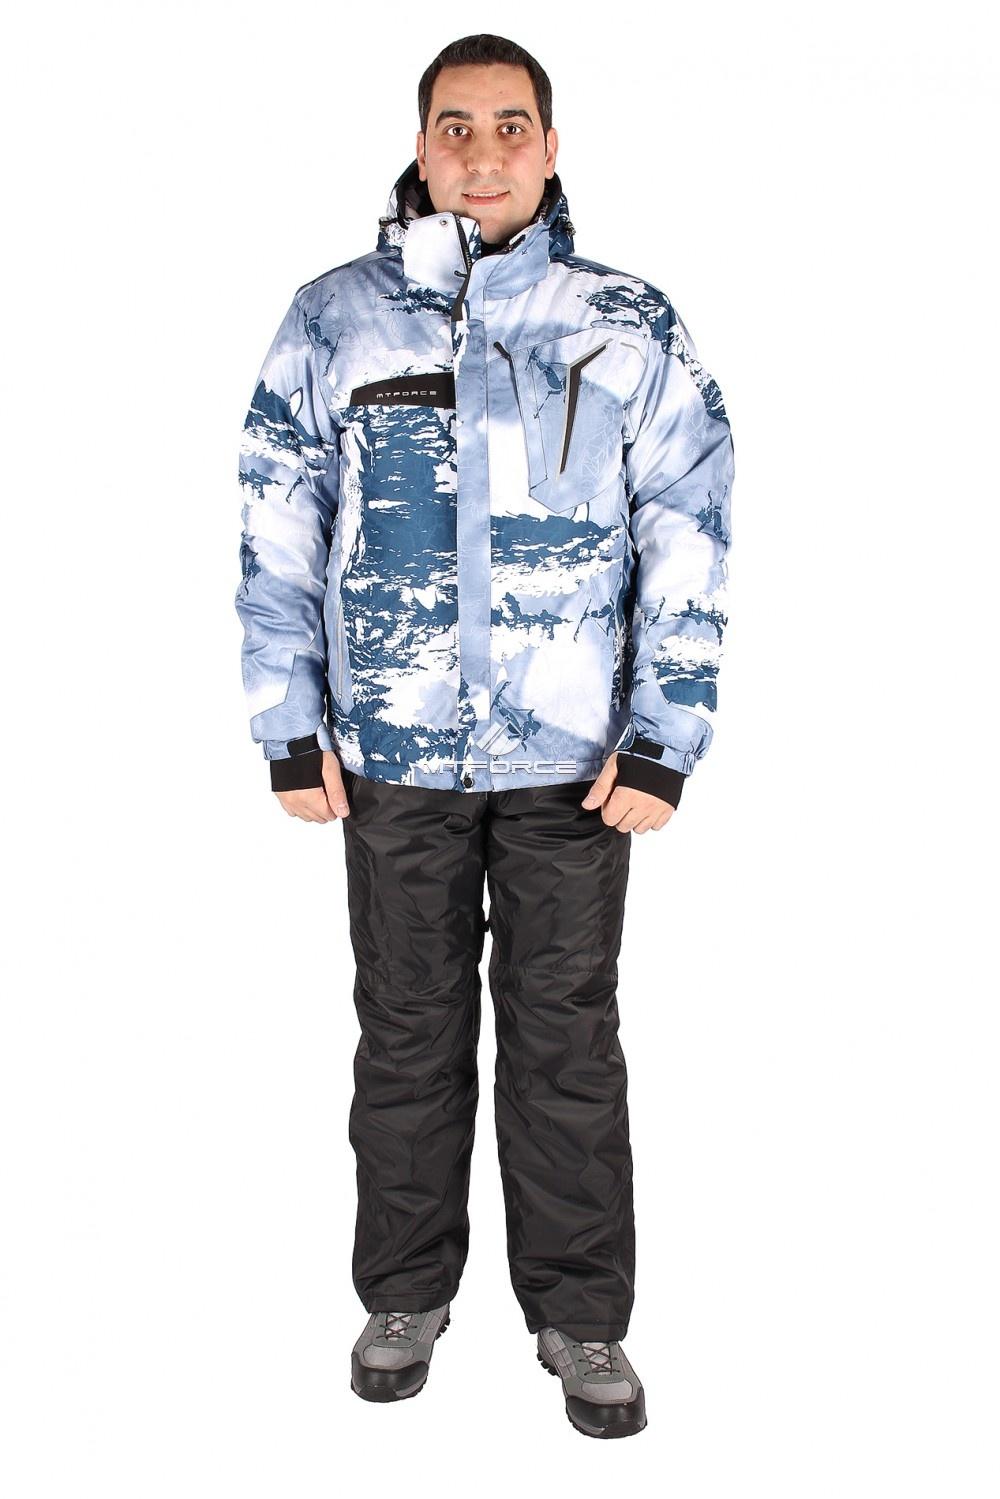 Купить оптом Костюм горнолыжный мужской синего цвета 01550S в Новосибирске